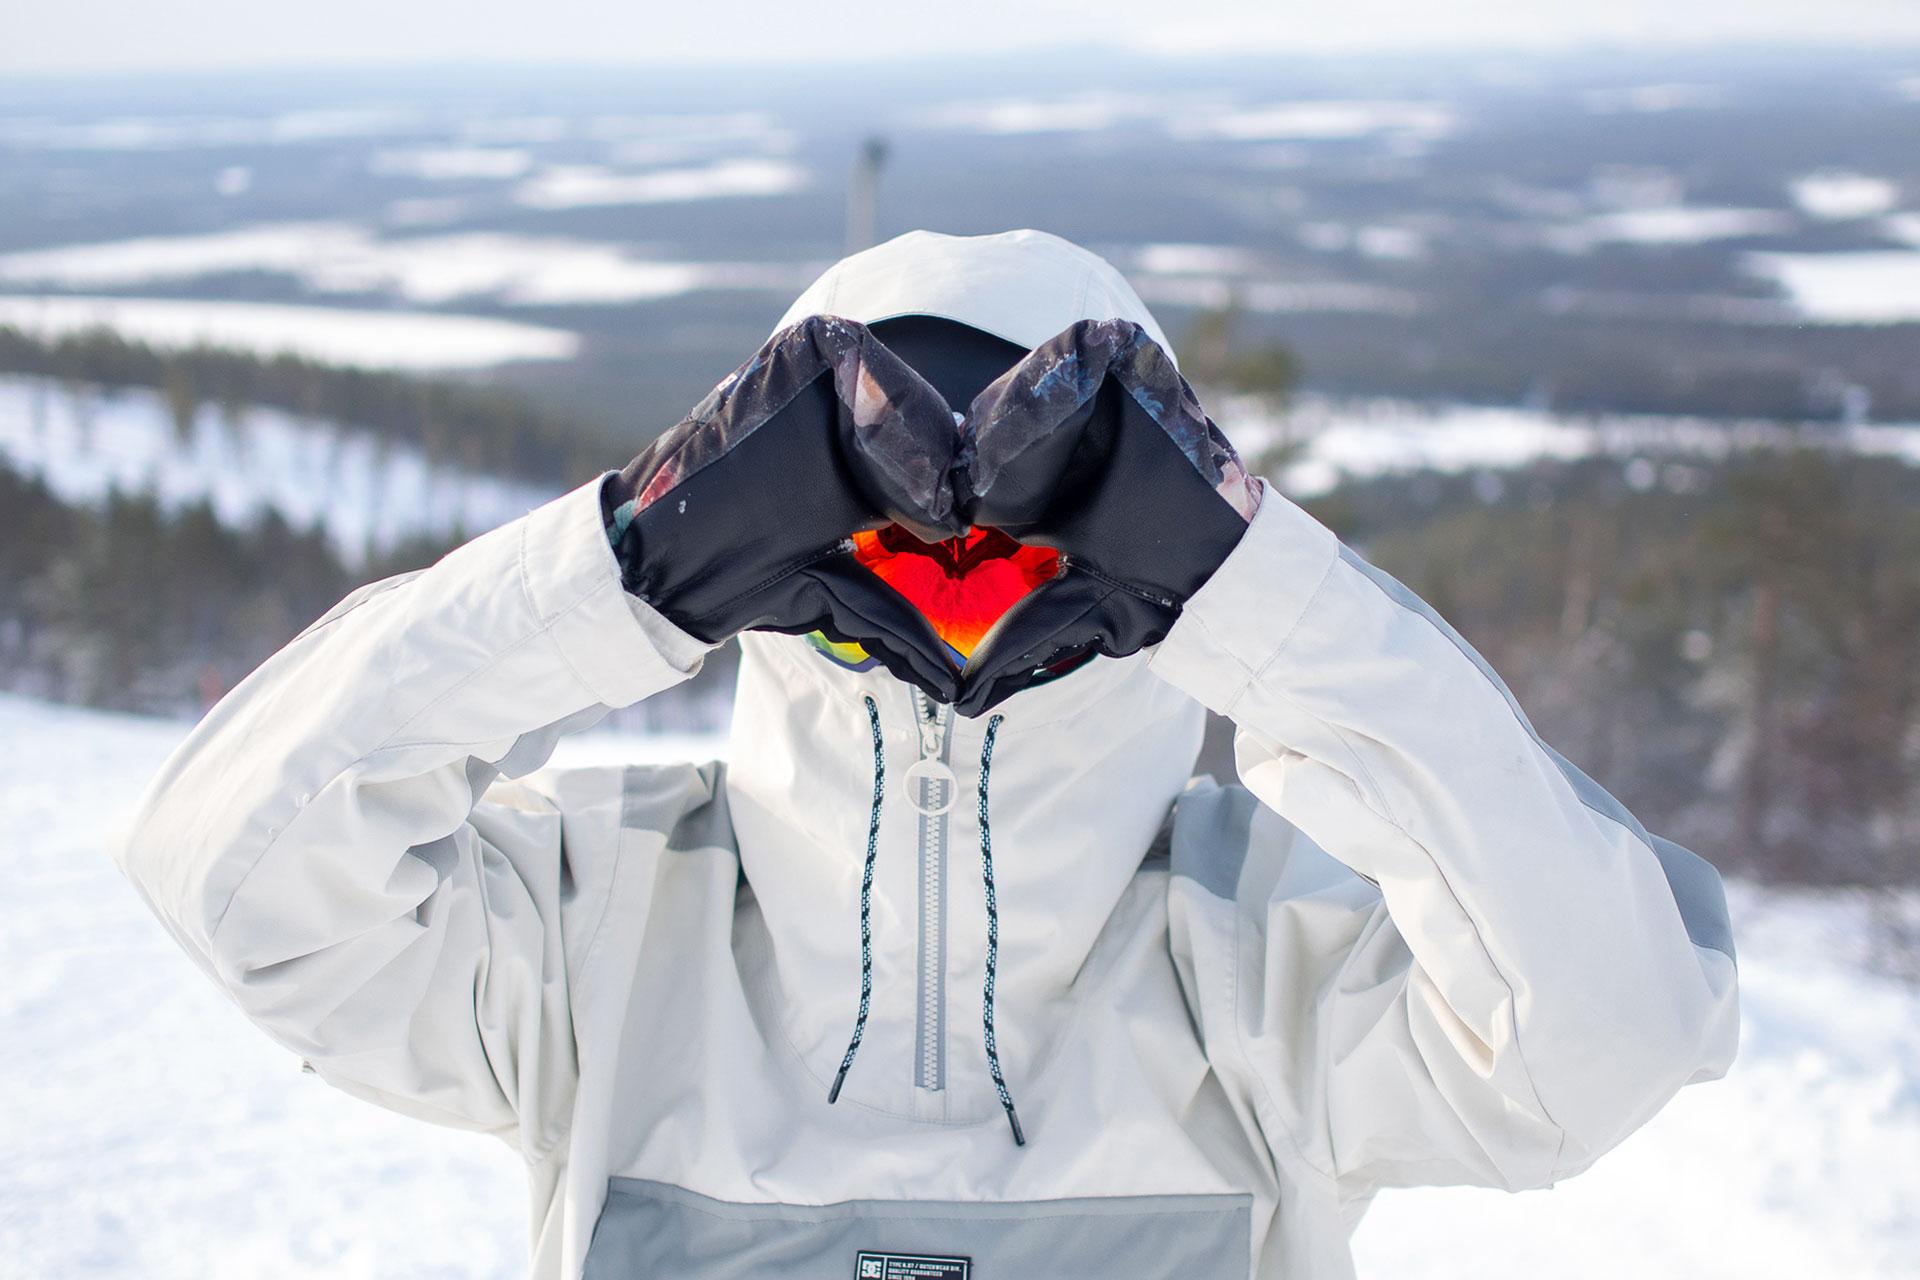 Laskettelija Levin laskettelurinteissä talvimaisemassa.